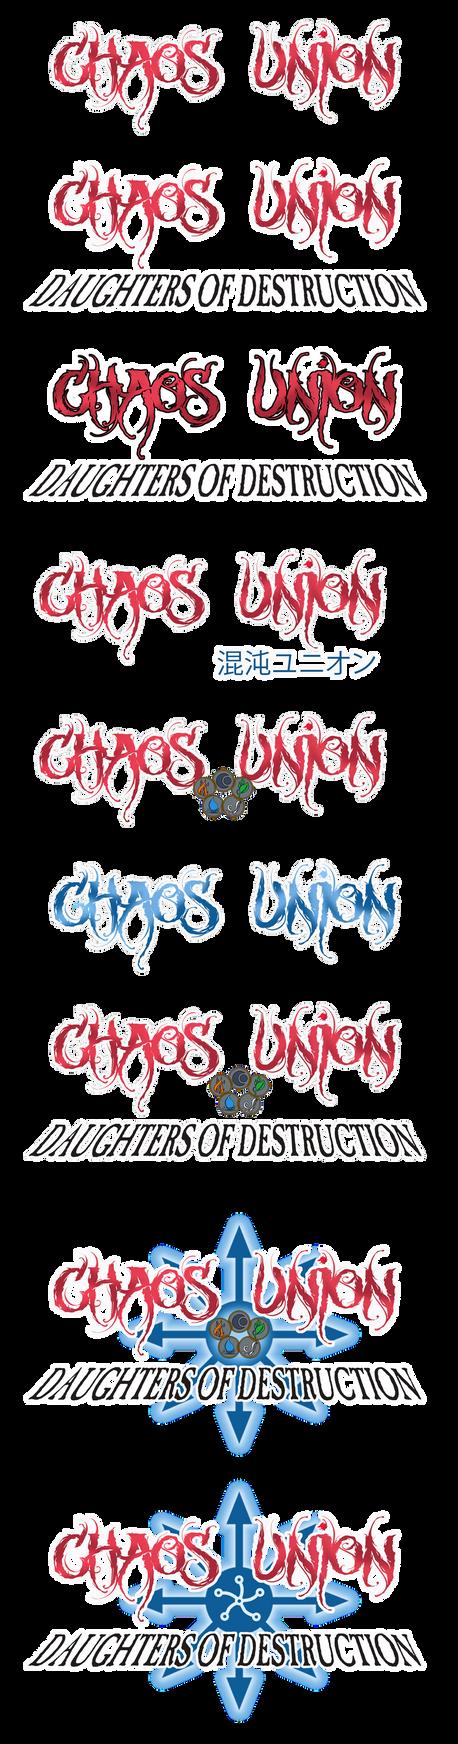 Chaos Union list by ShinMusashi44